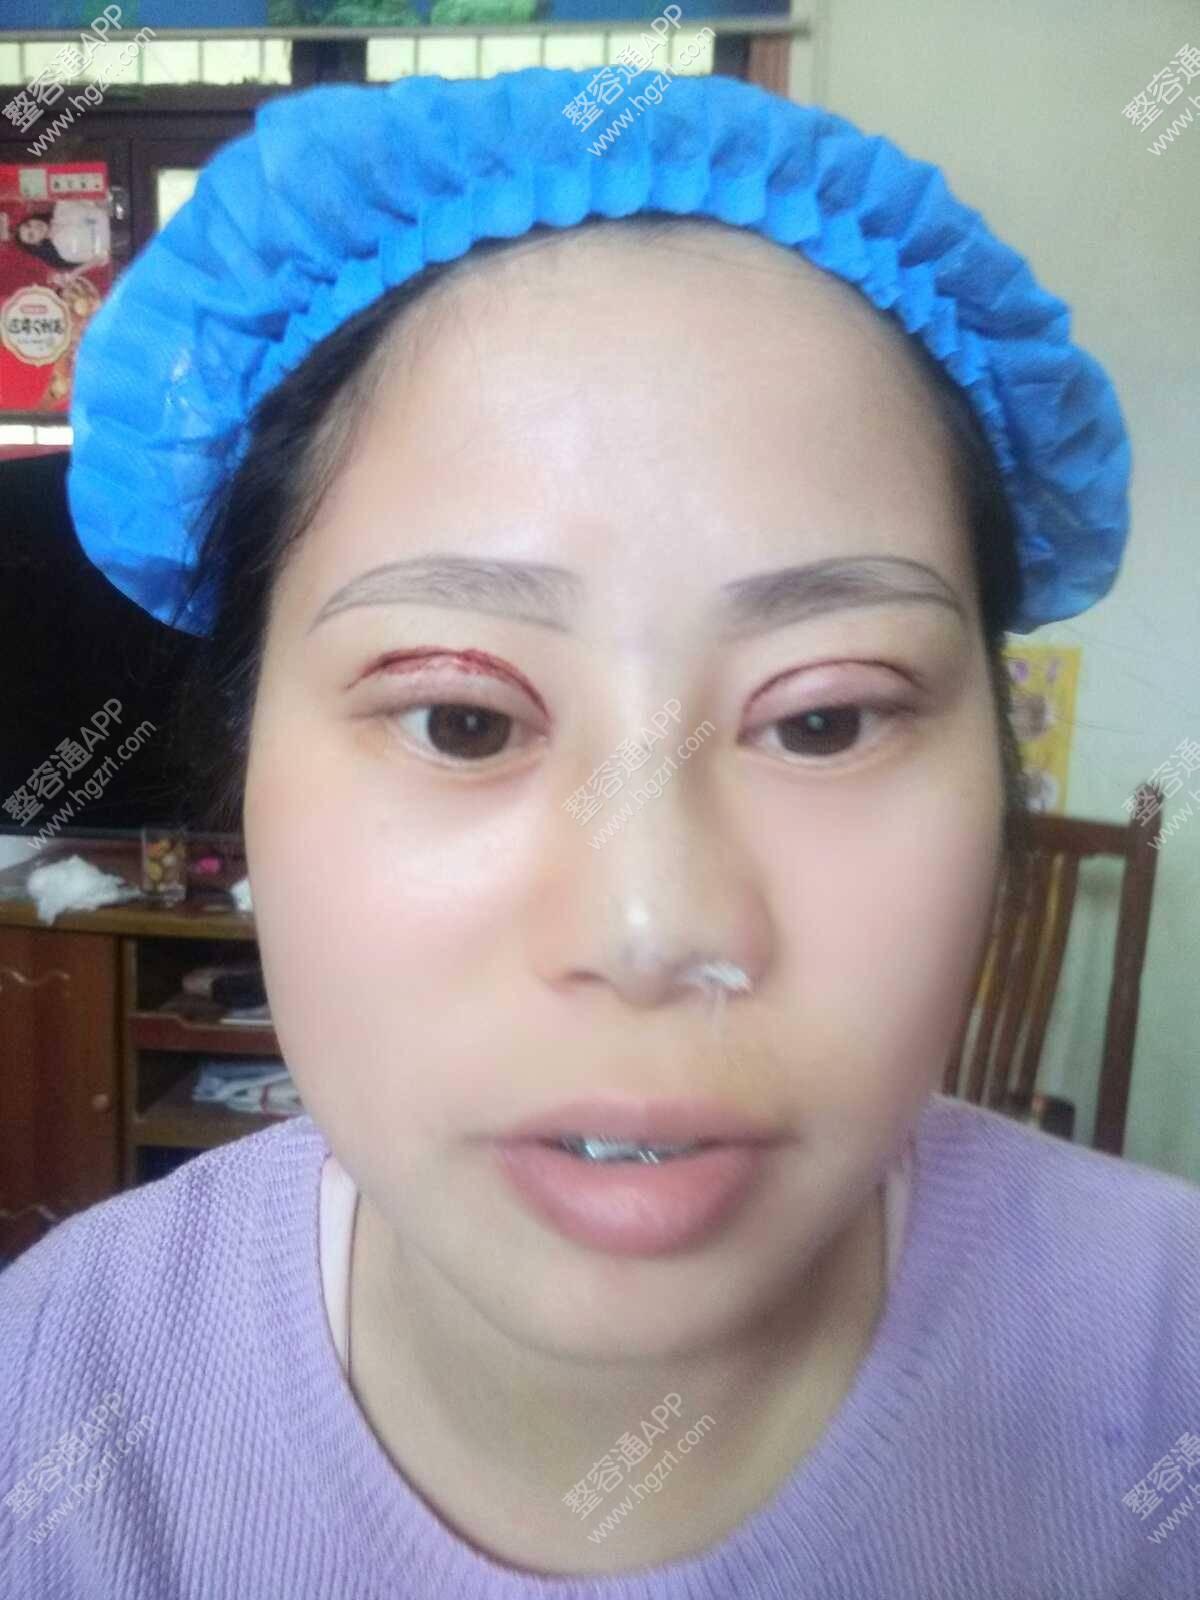 刚刚完成眼睛鼻子  开始设计眉型